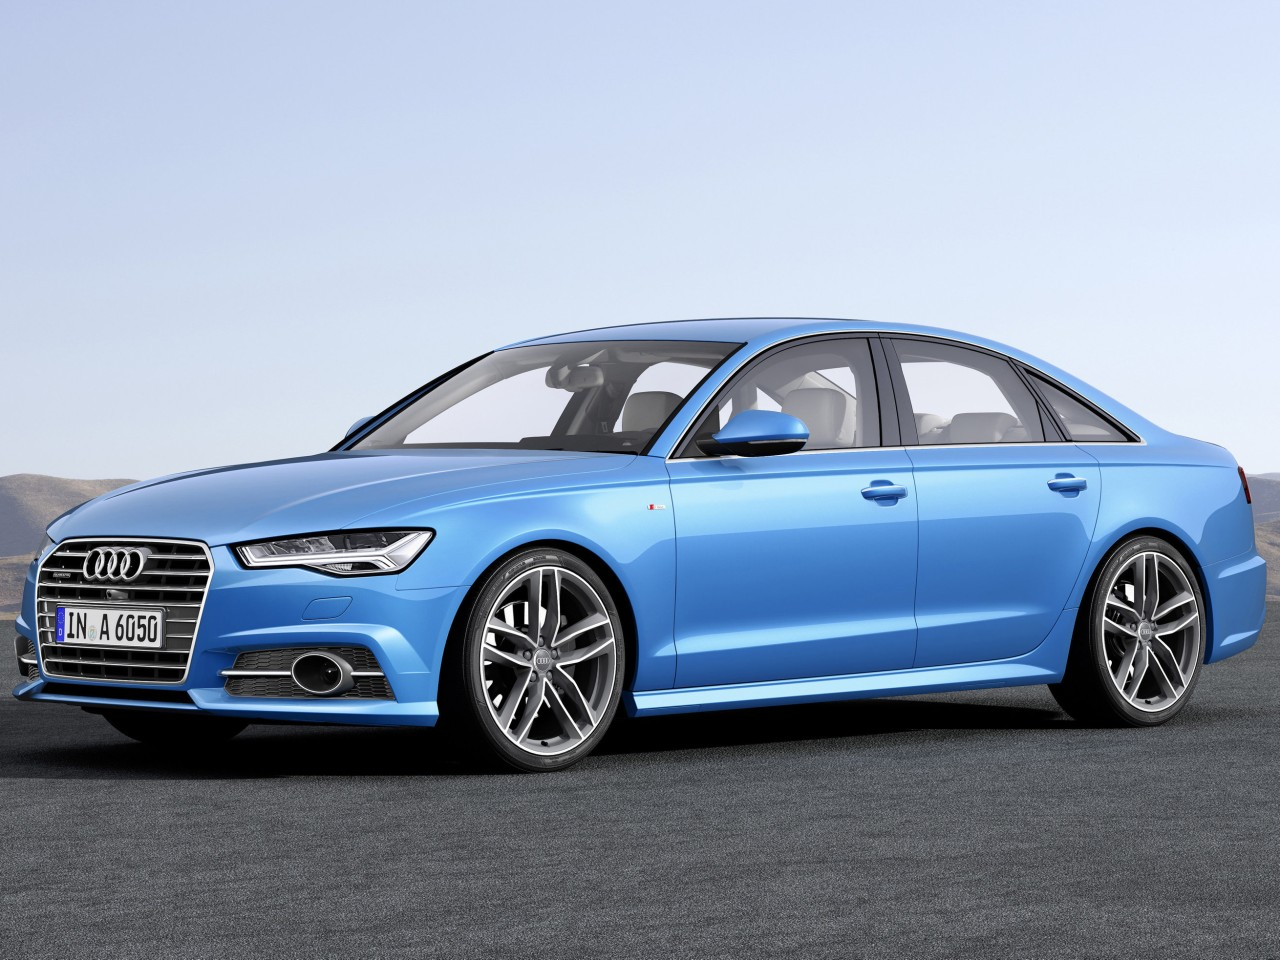 A6 2011年モデル の製品画像  A6 2011年モデル  ご利用の前にお読みください